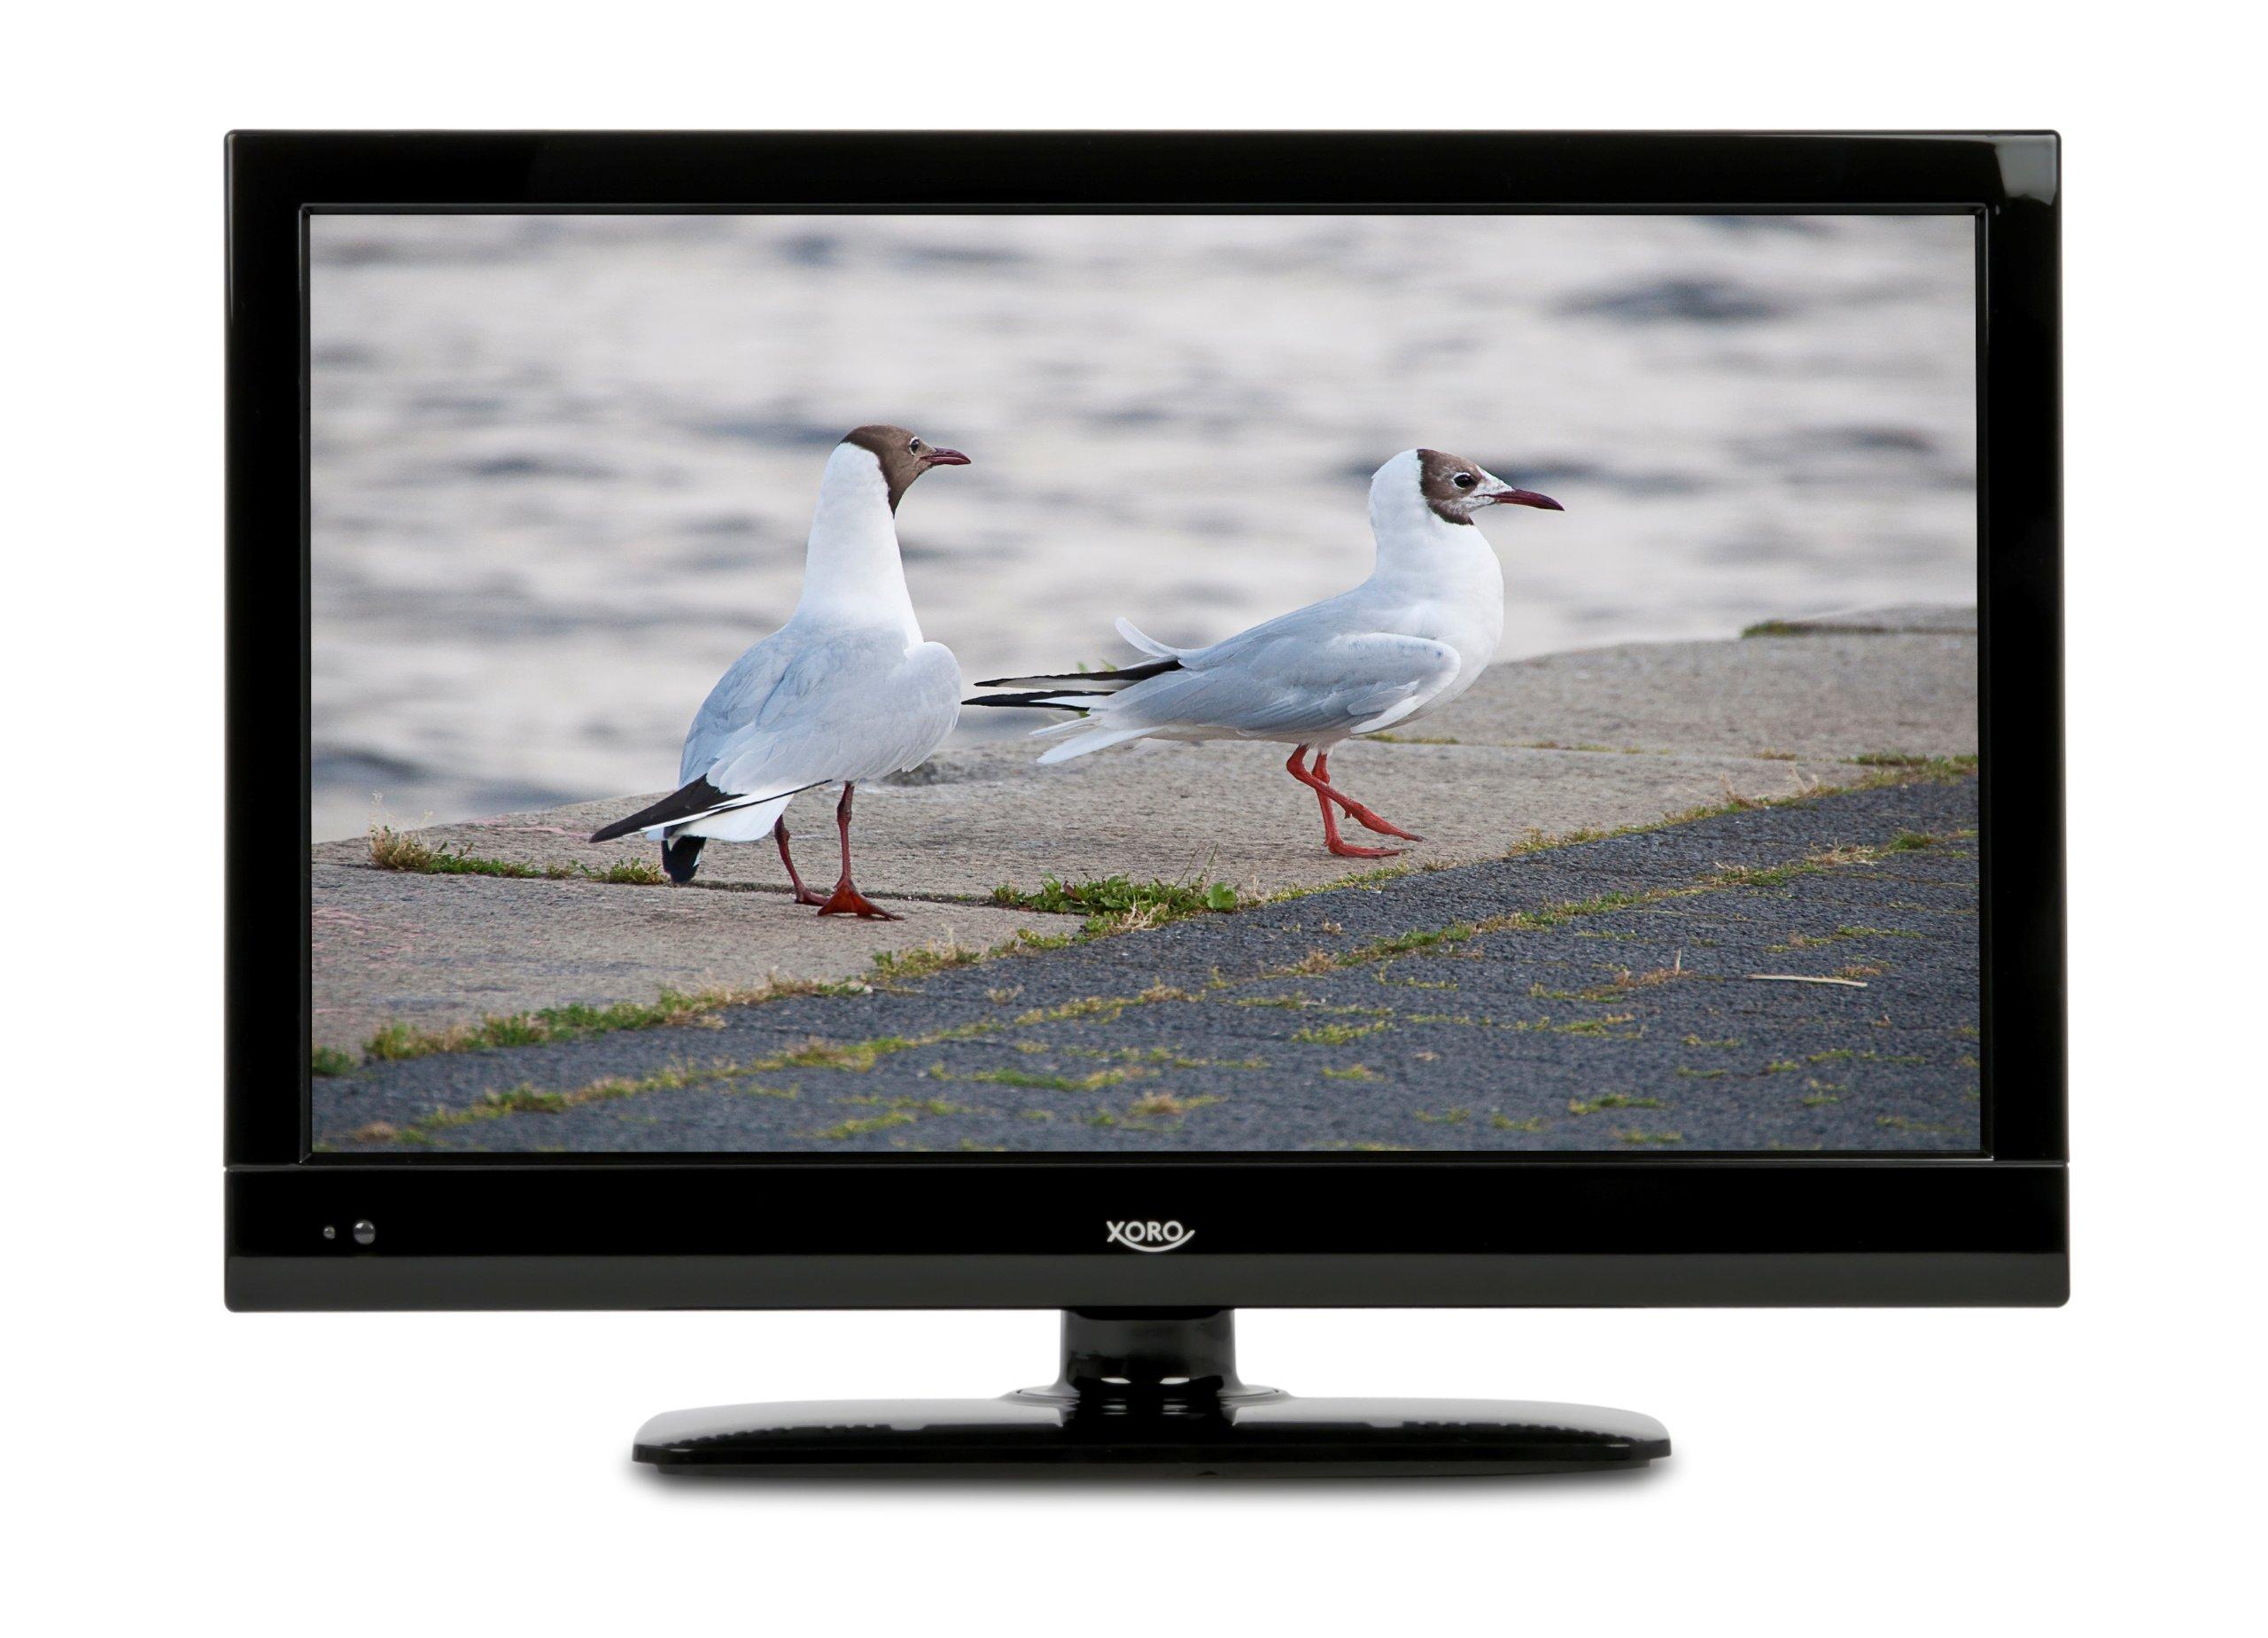 Xoro HTC 2242 HD - Televisor con retroiluminación LED (54,6 cm/21,5